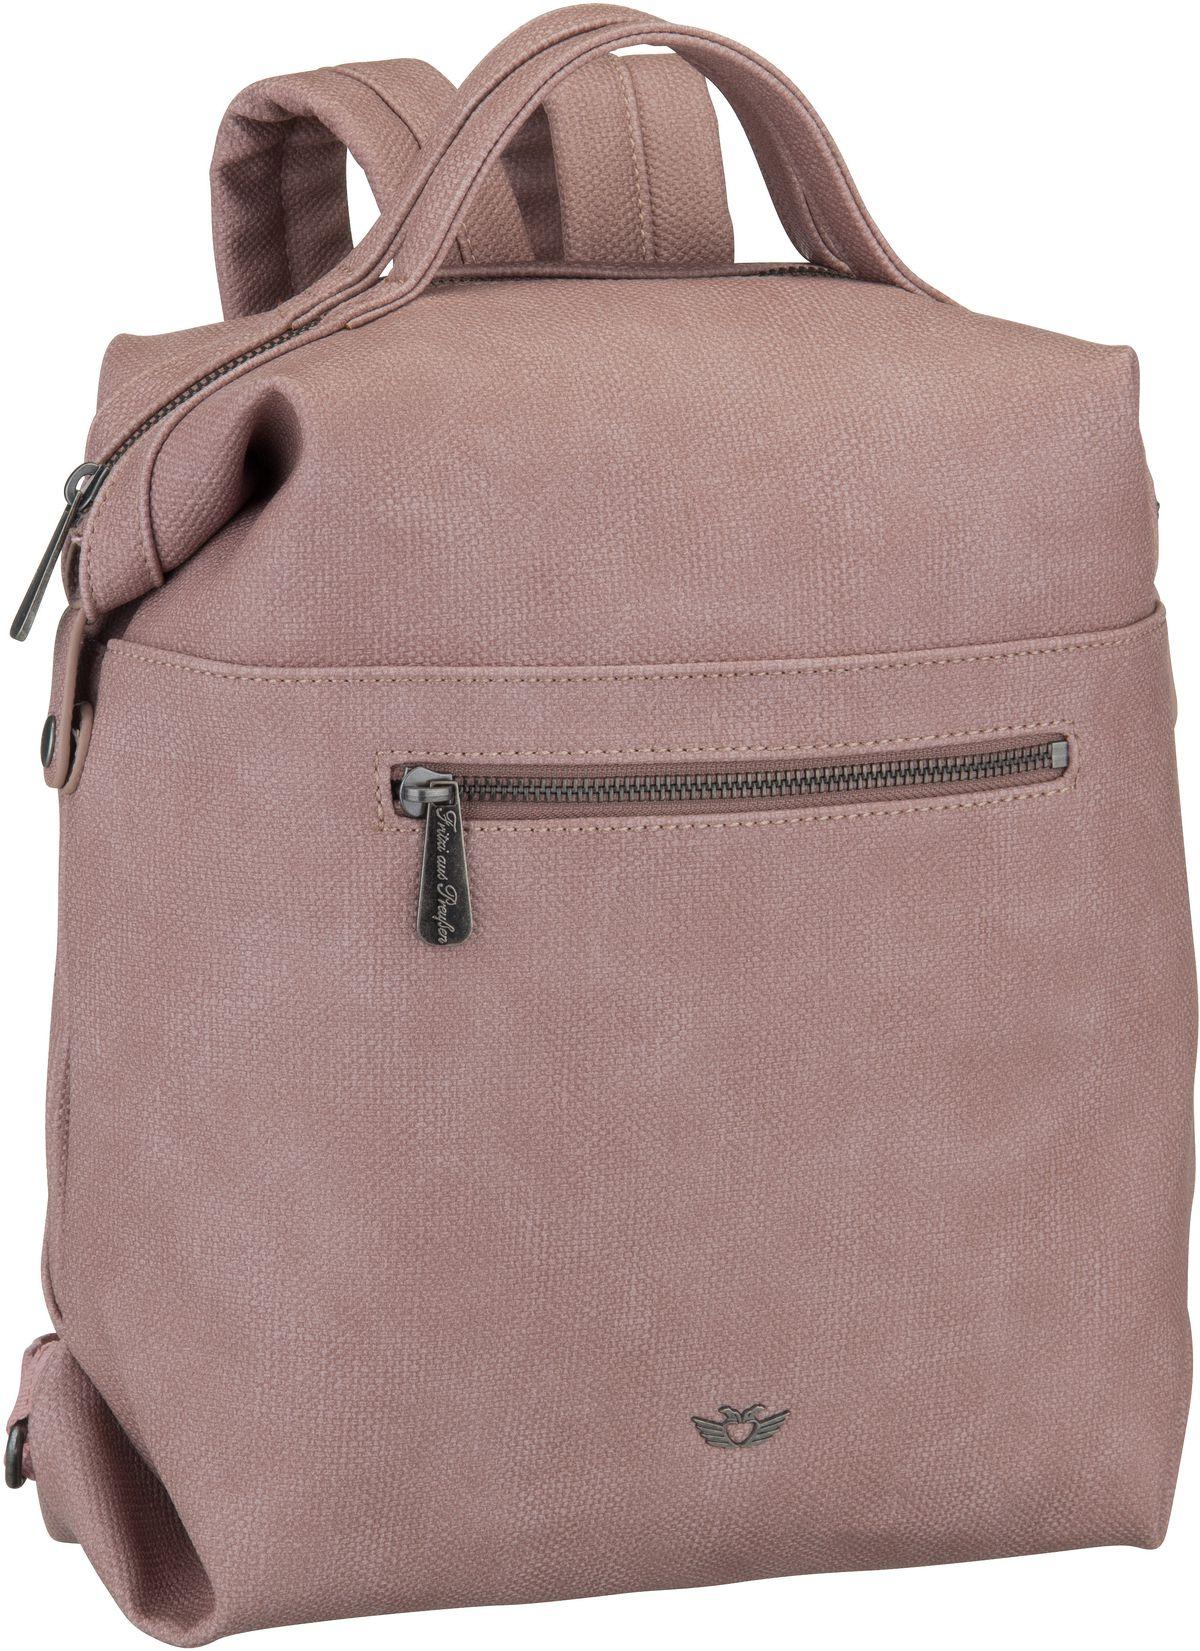 Rucksack / Daypack Harper Mini Pixley Blush